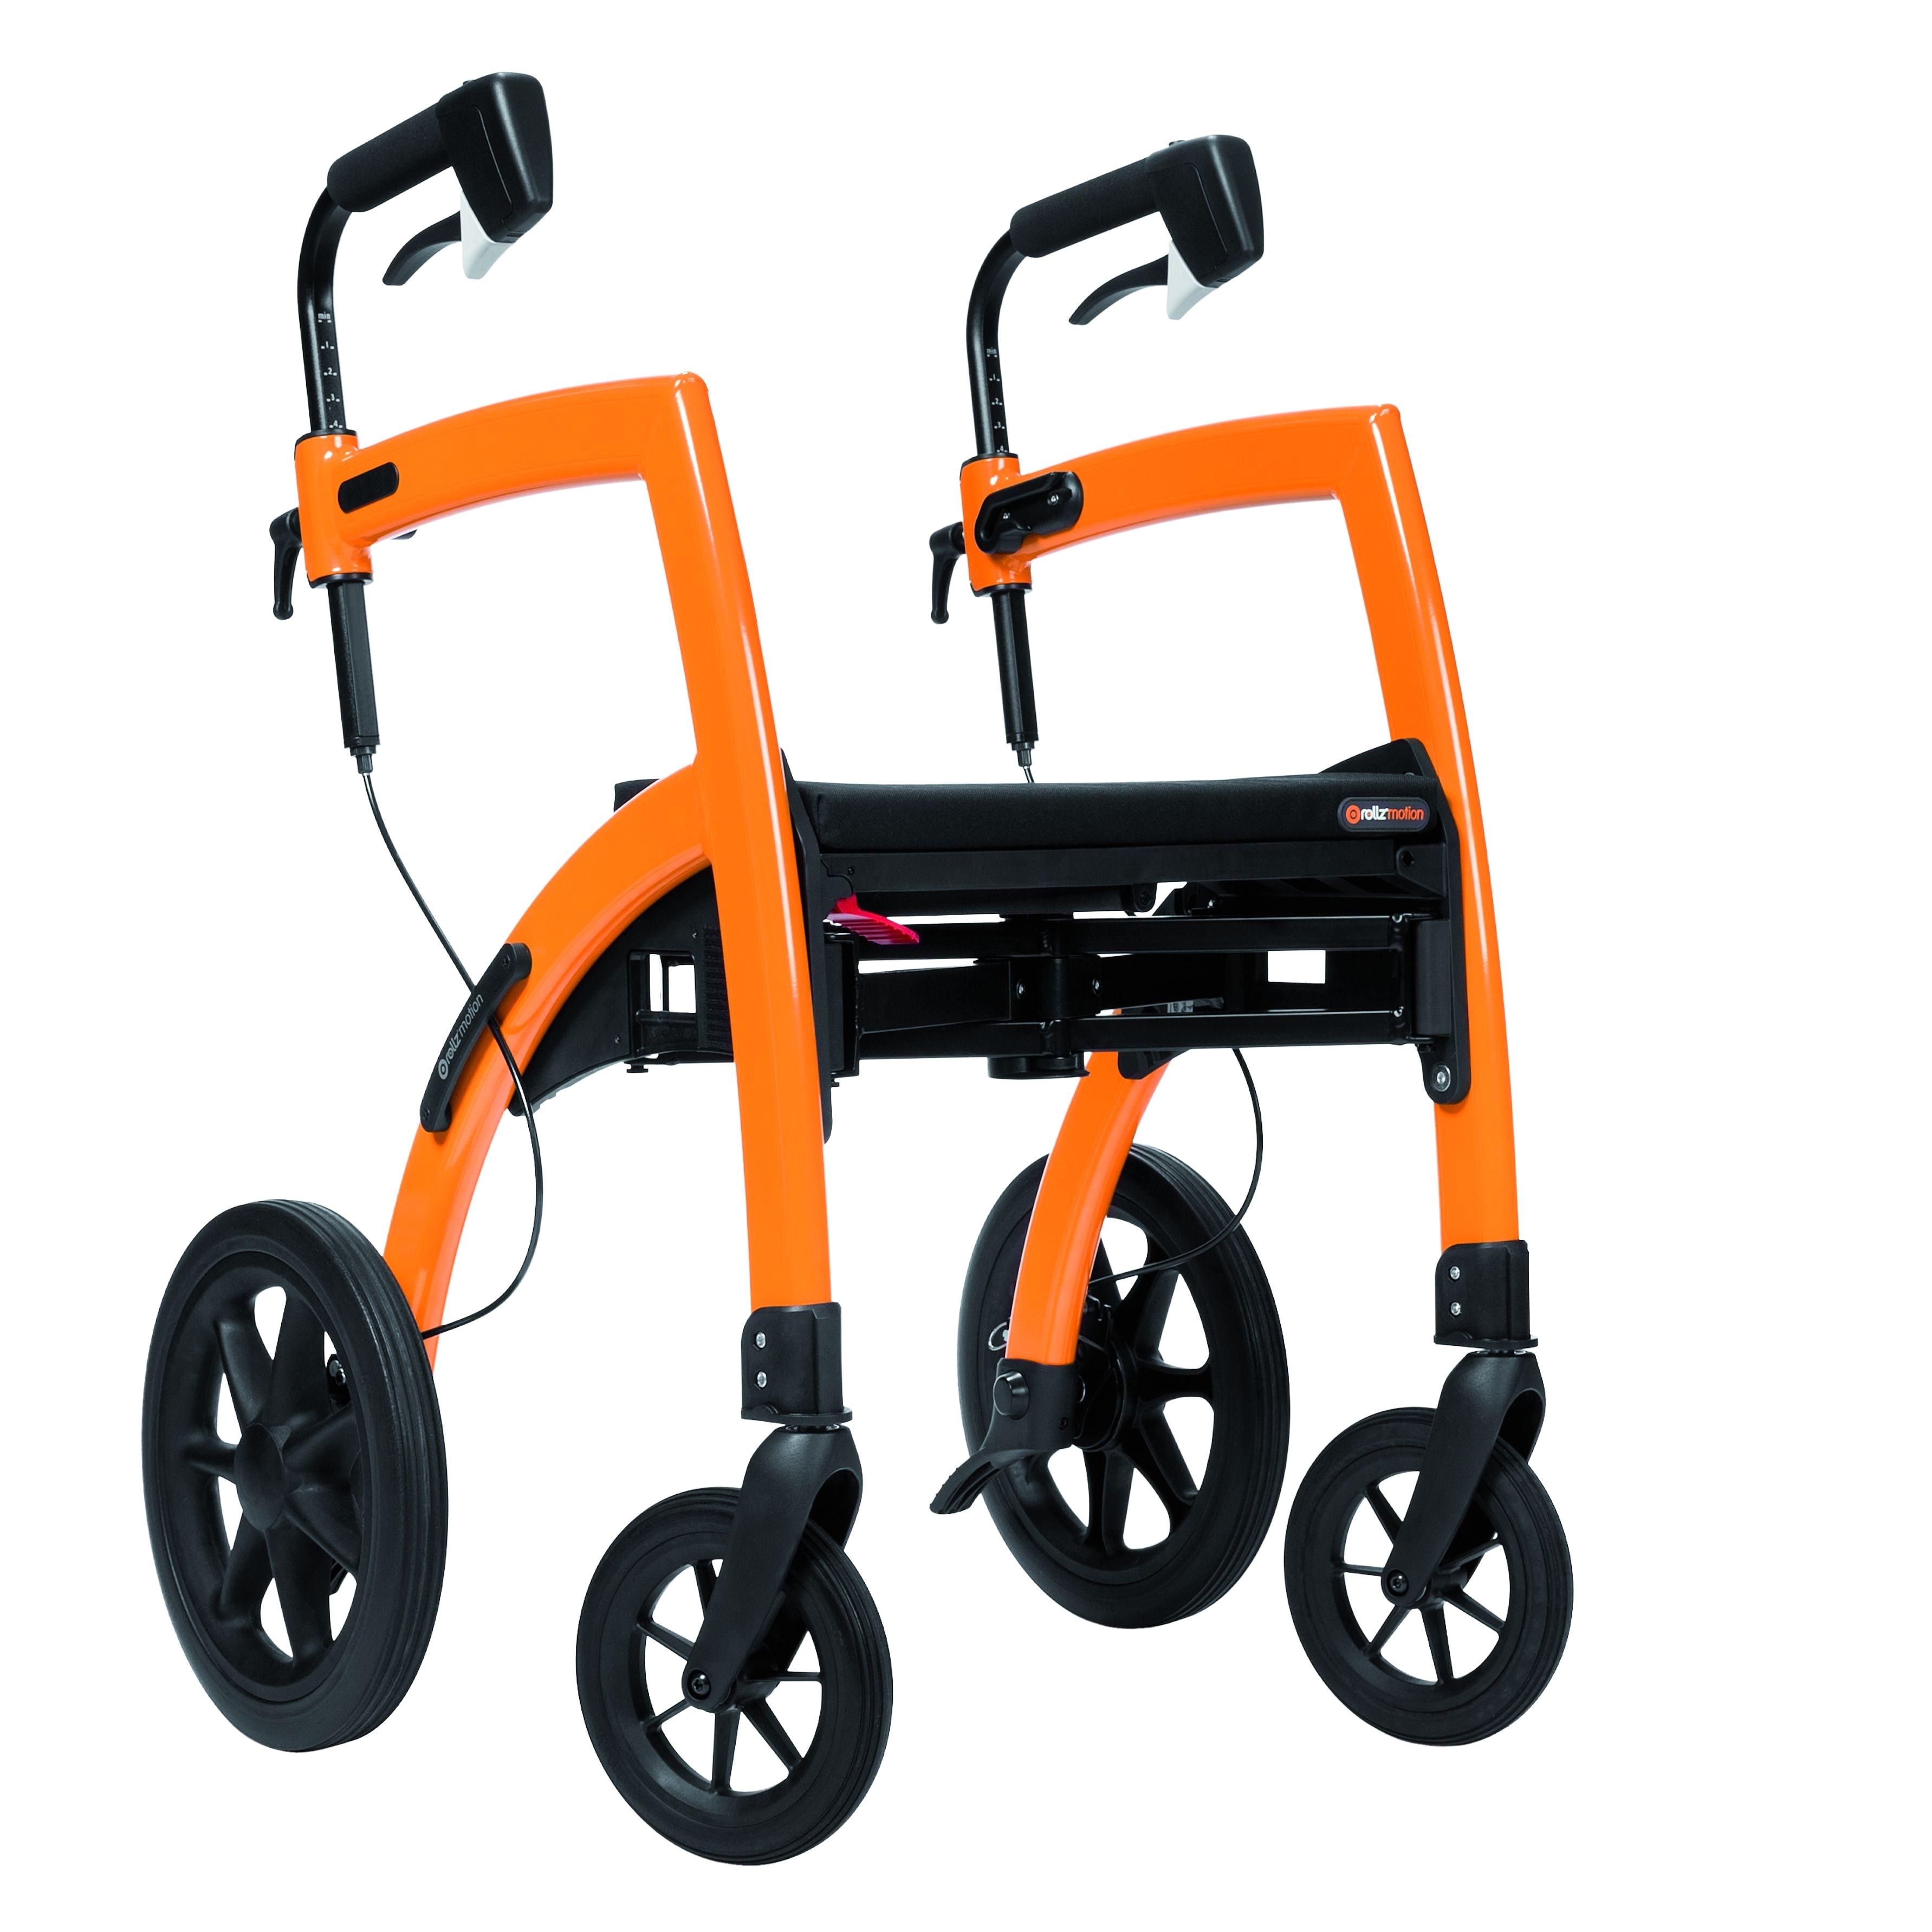 deambulateur et chaise roulante rollz motion disponible sur senup com a wheelchairstransport